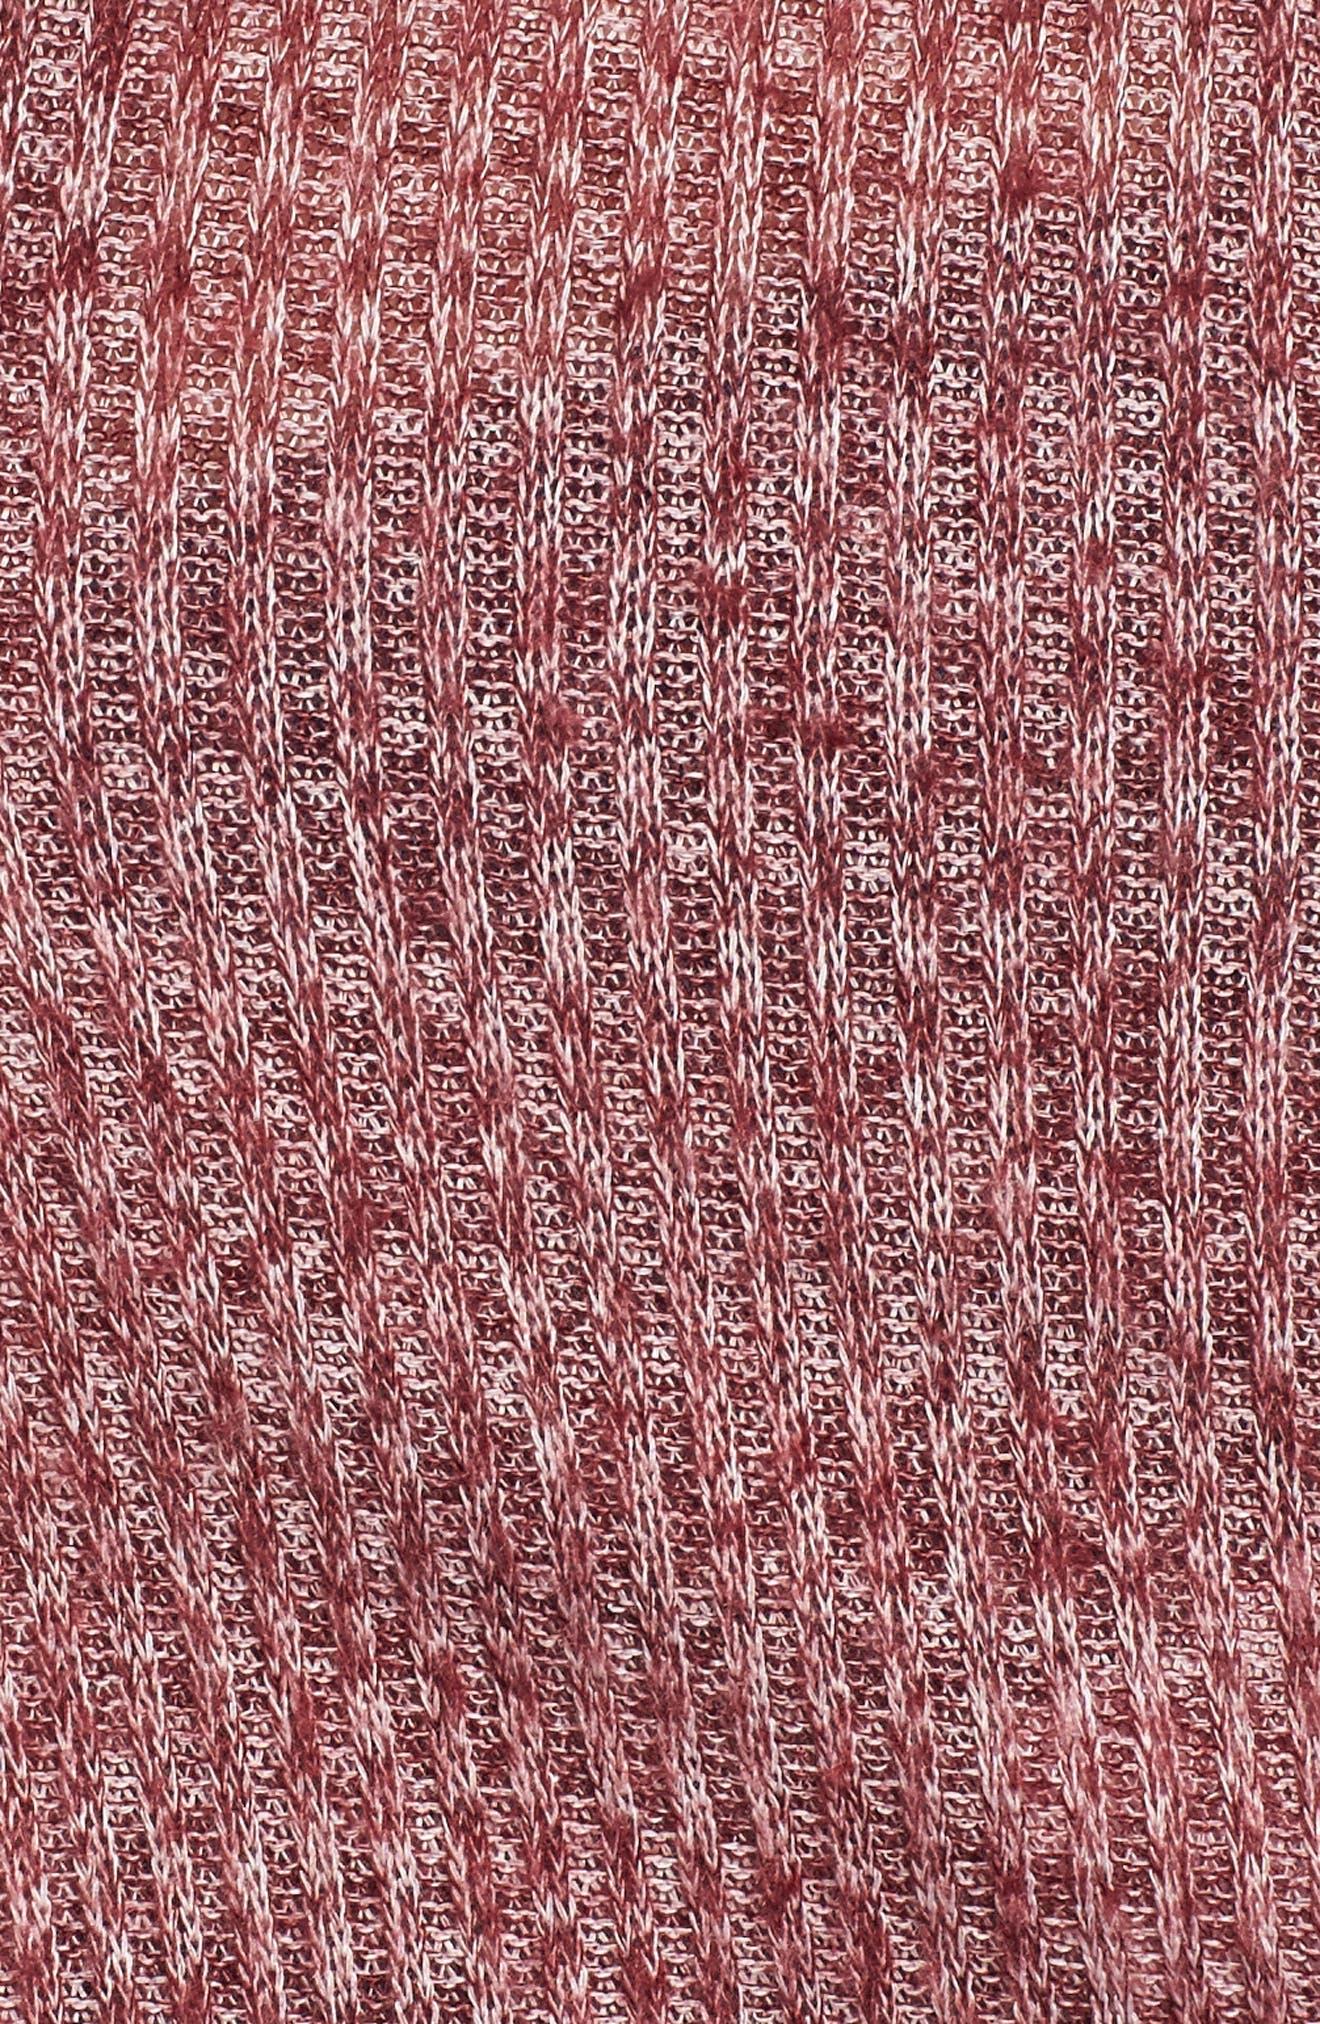 Rib Knit Corset Top,                             Alternate thumbnail 10, color,